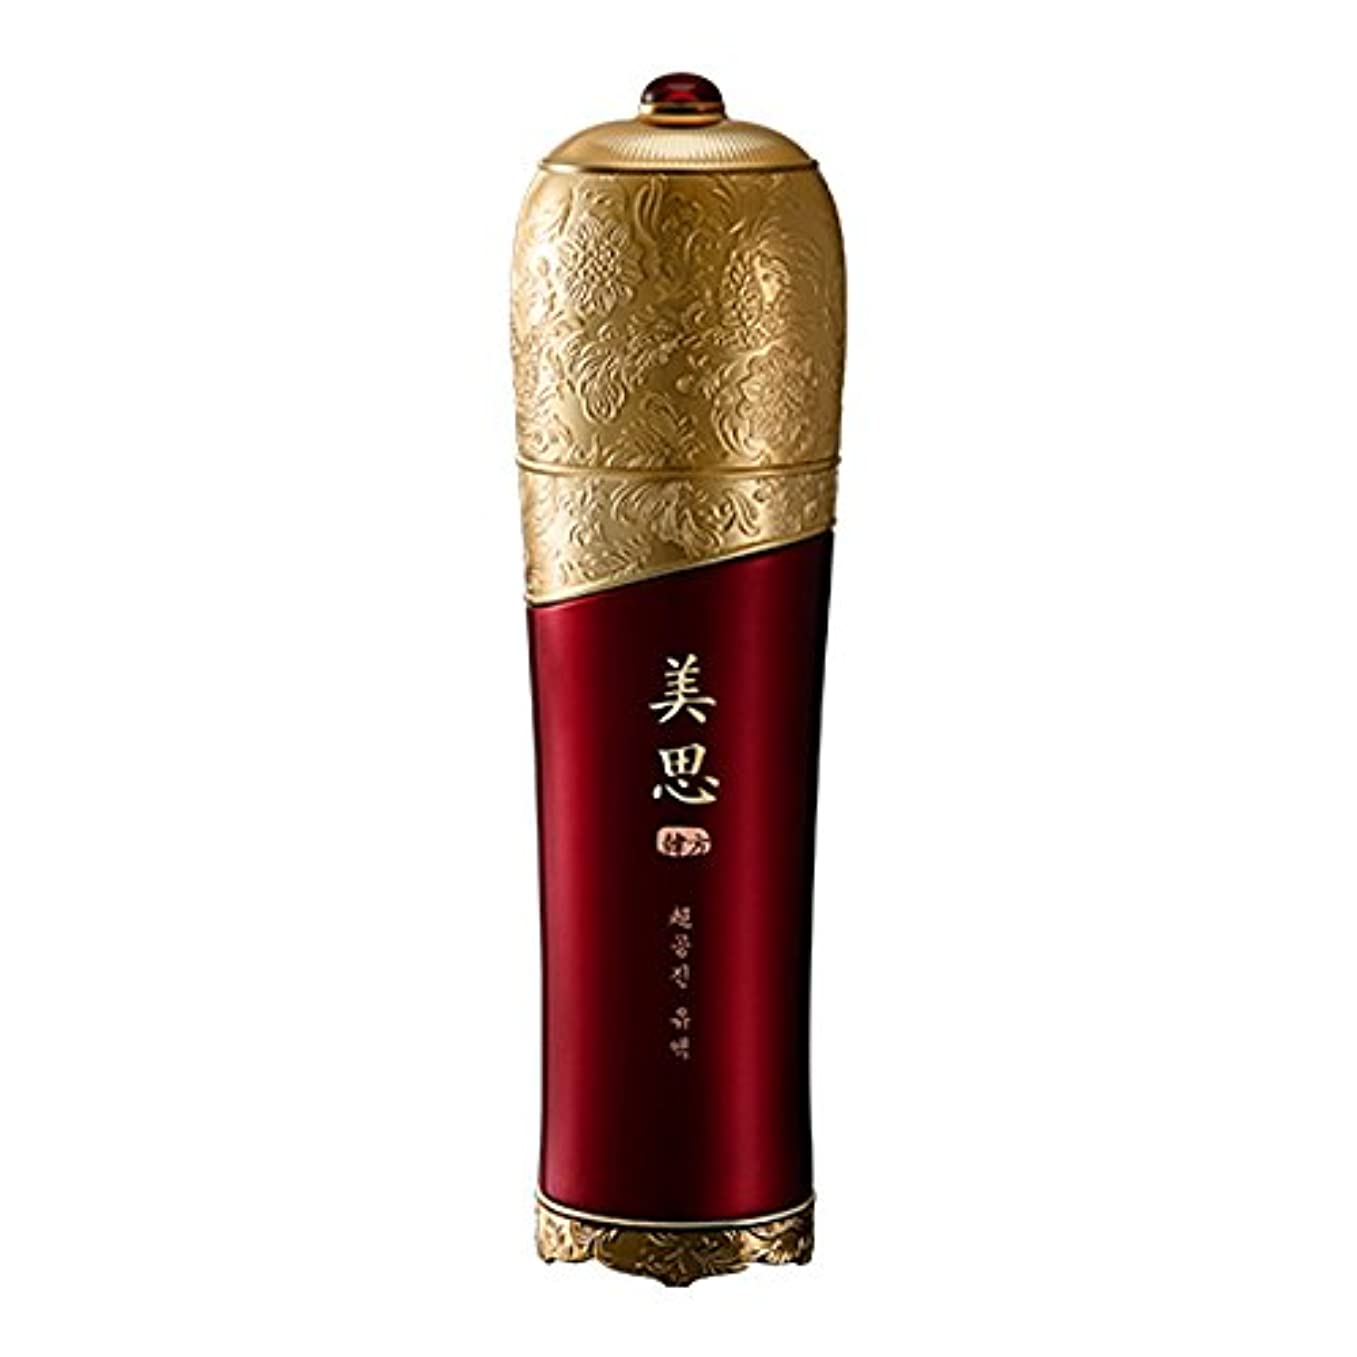 グラディススティック方法MISSHA(ミシャ)美思 韓方 旧チョボヤン (超)チョゴンジン 乳液 基礎化粧品 スキンケア